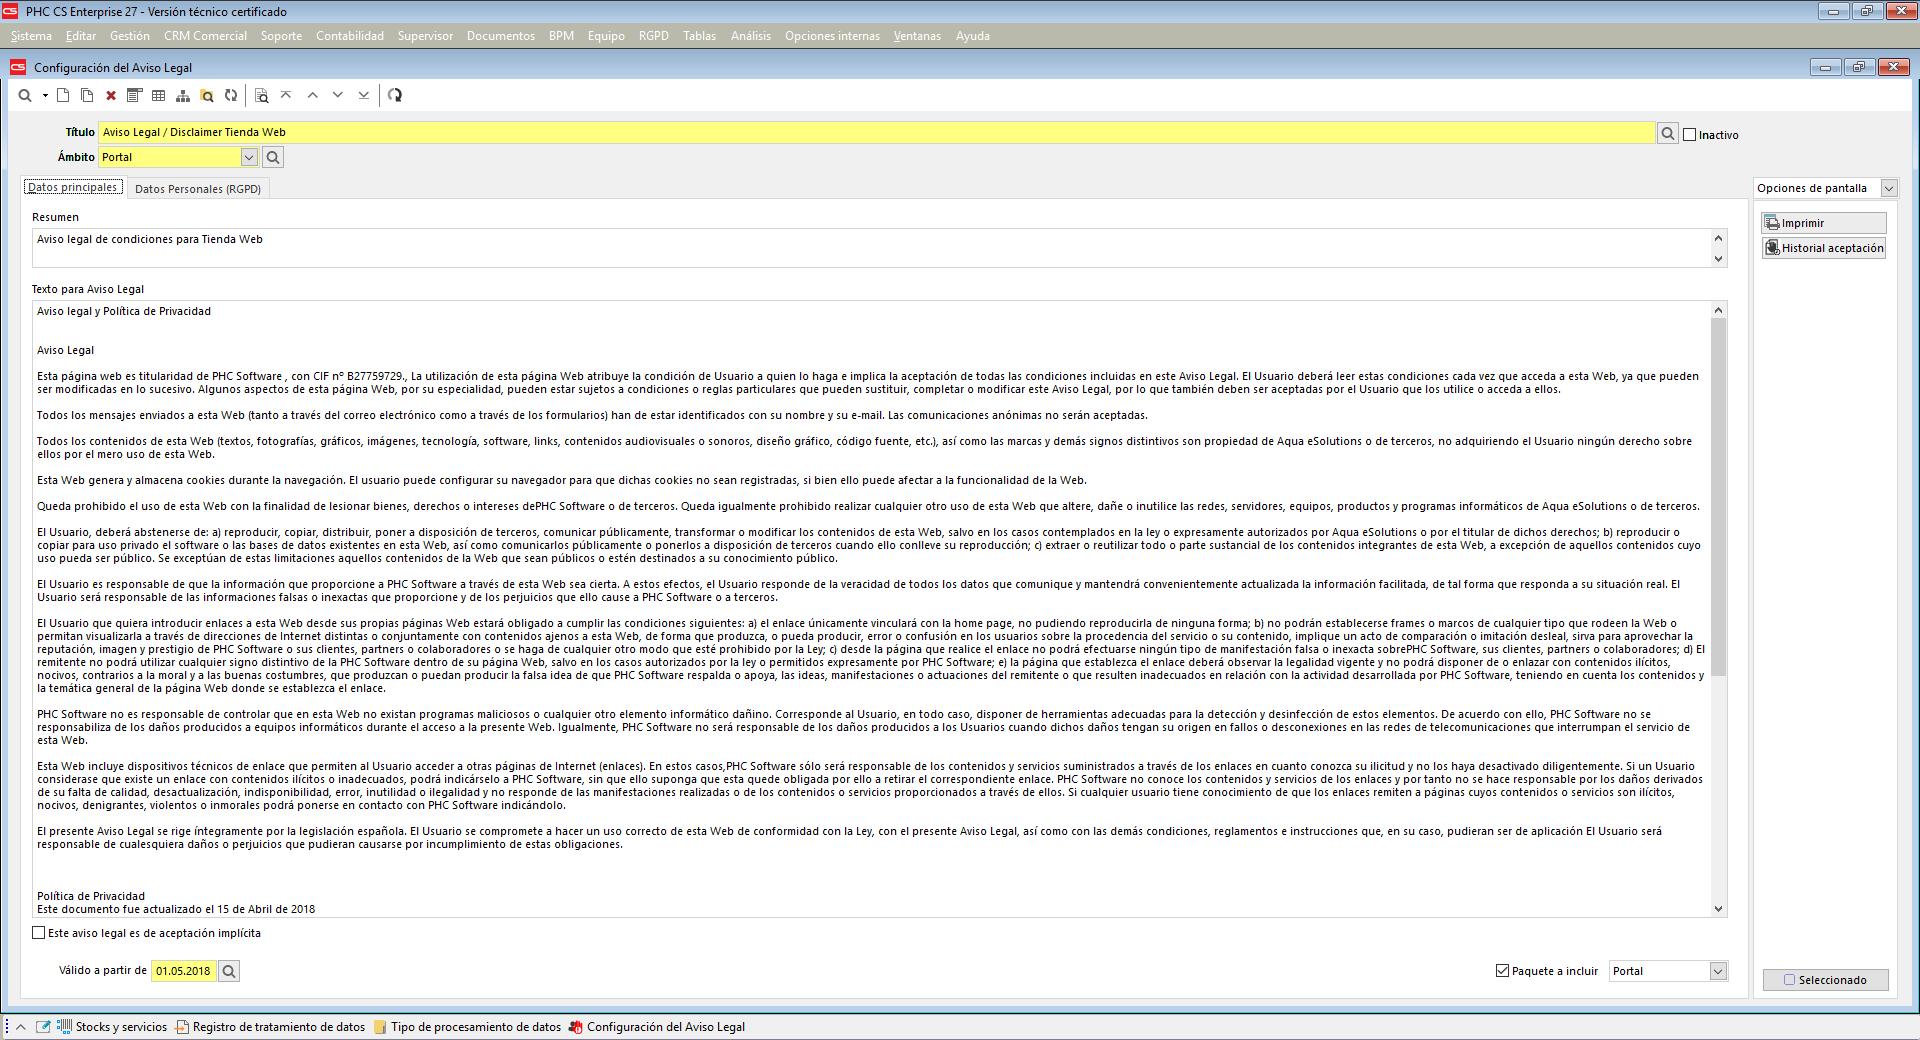 Creación de avisos legales configurables con Software de Gestión PHC